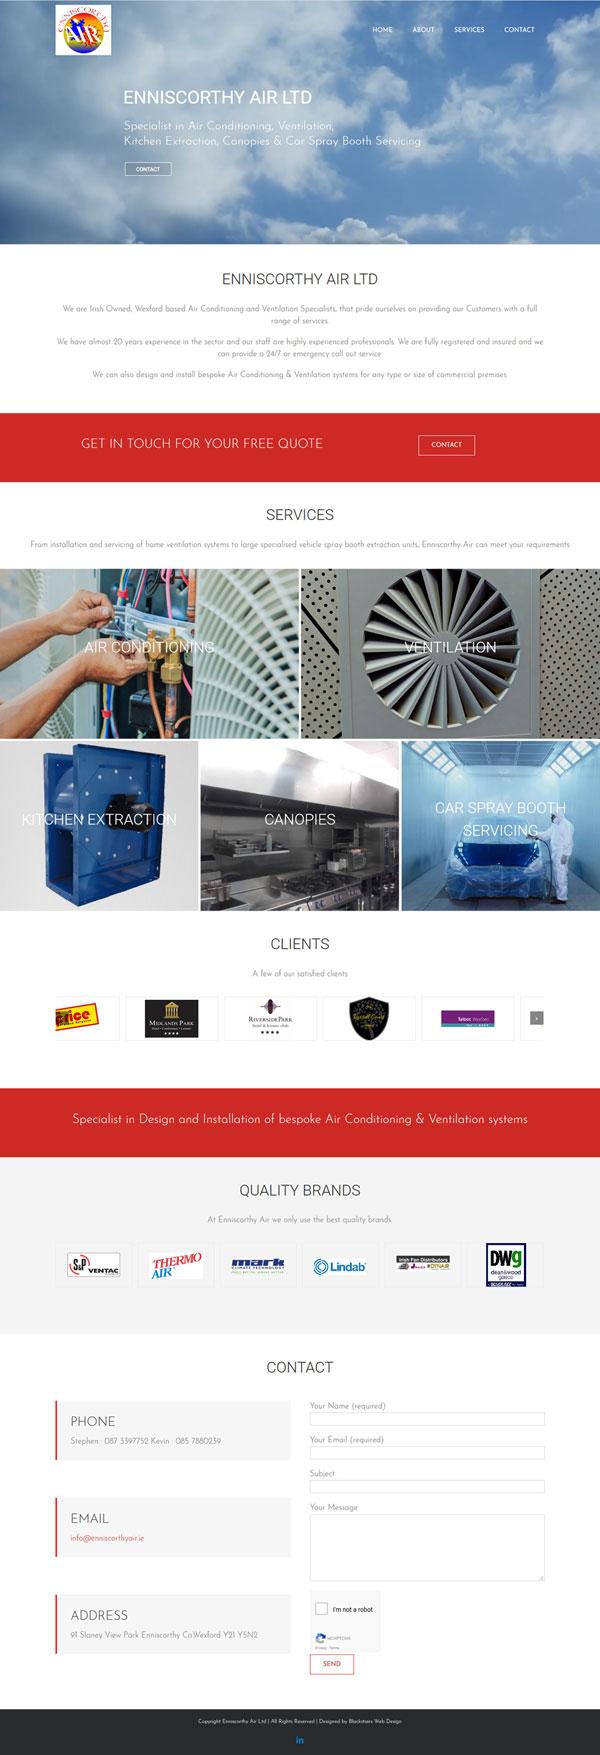 Enniscorthy Air Ltd